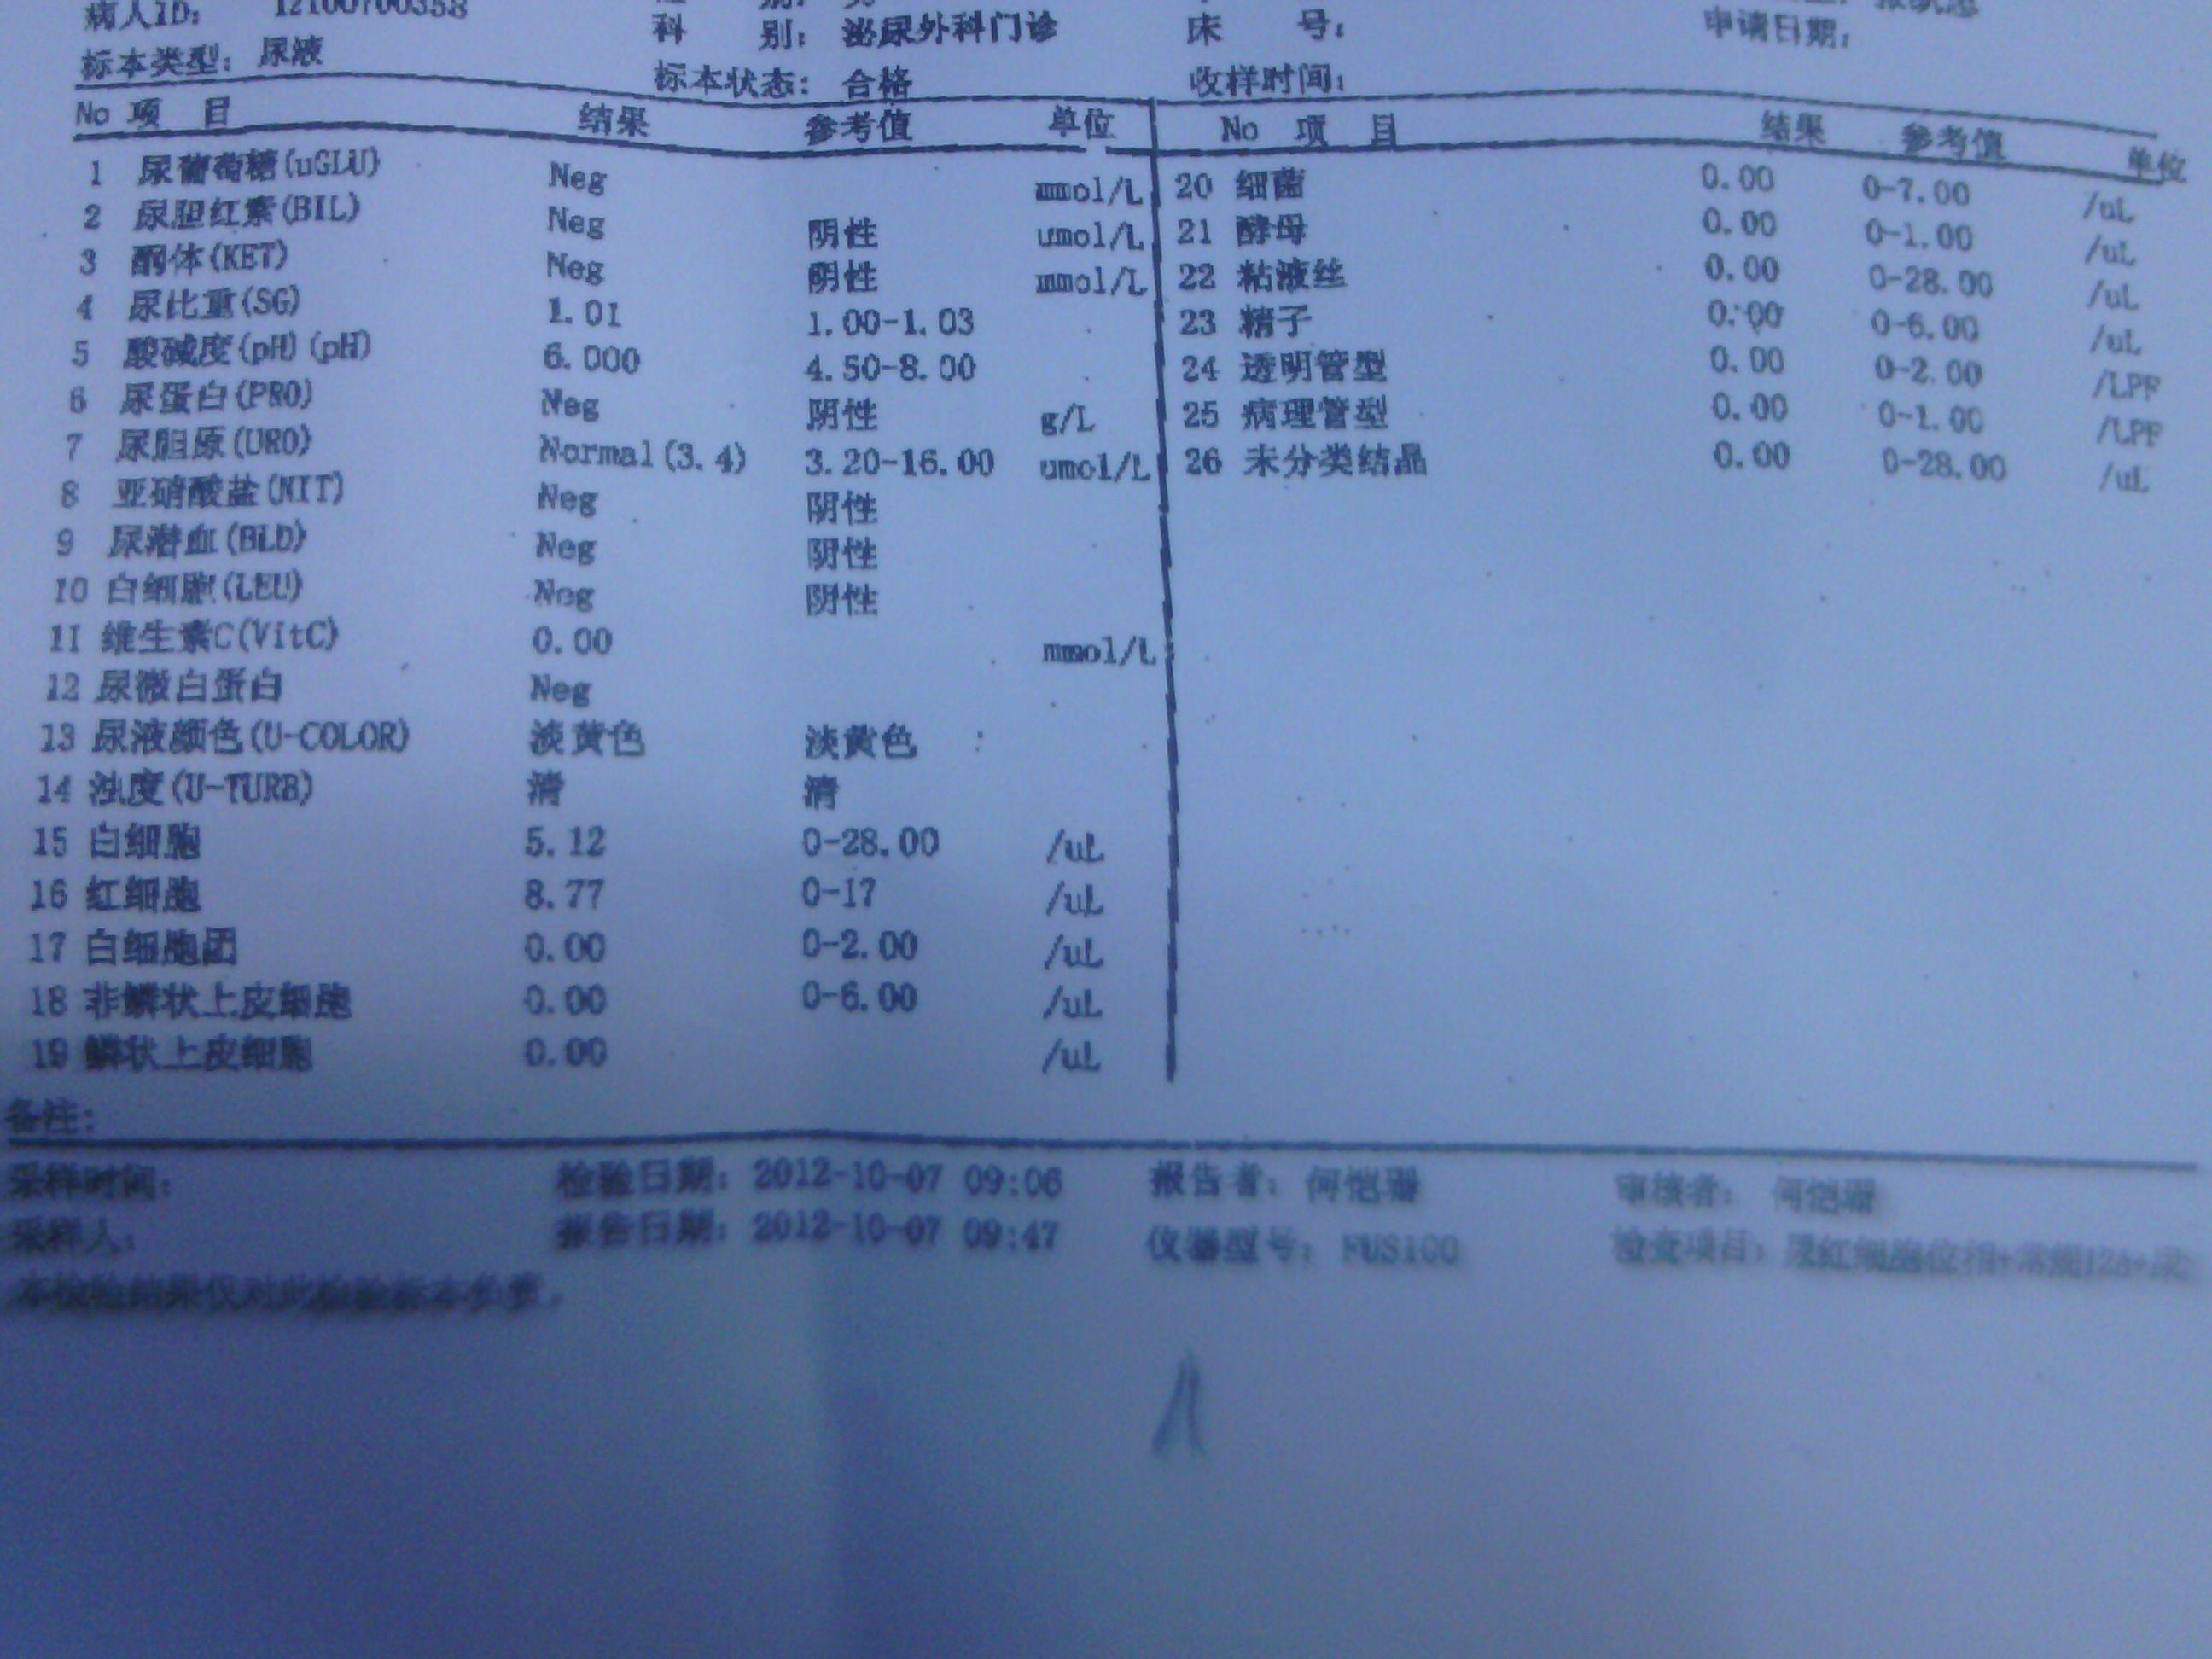 肌酐偏高尿常规正常_帮忙看看这是24尿蛋白定量检查报告吗,我觉得像普通尿常规的 ...